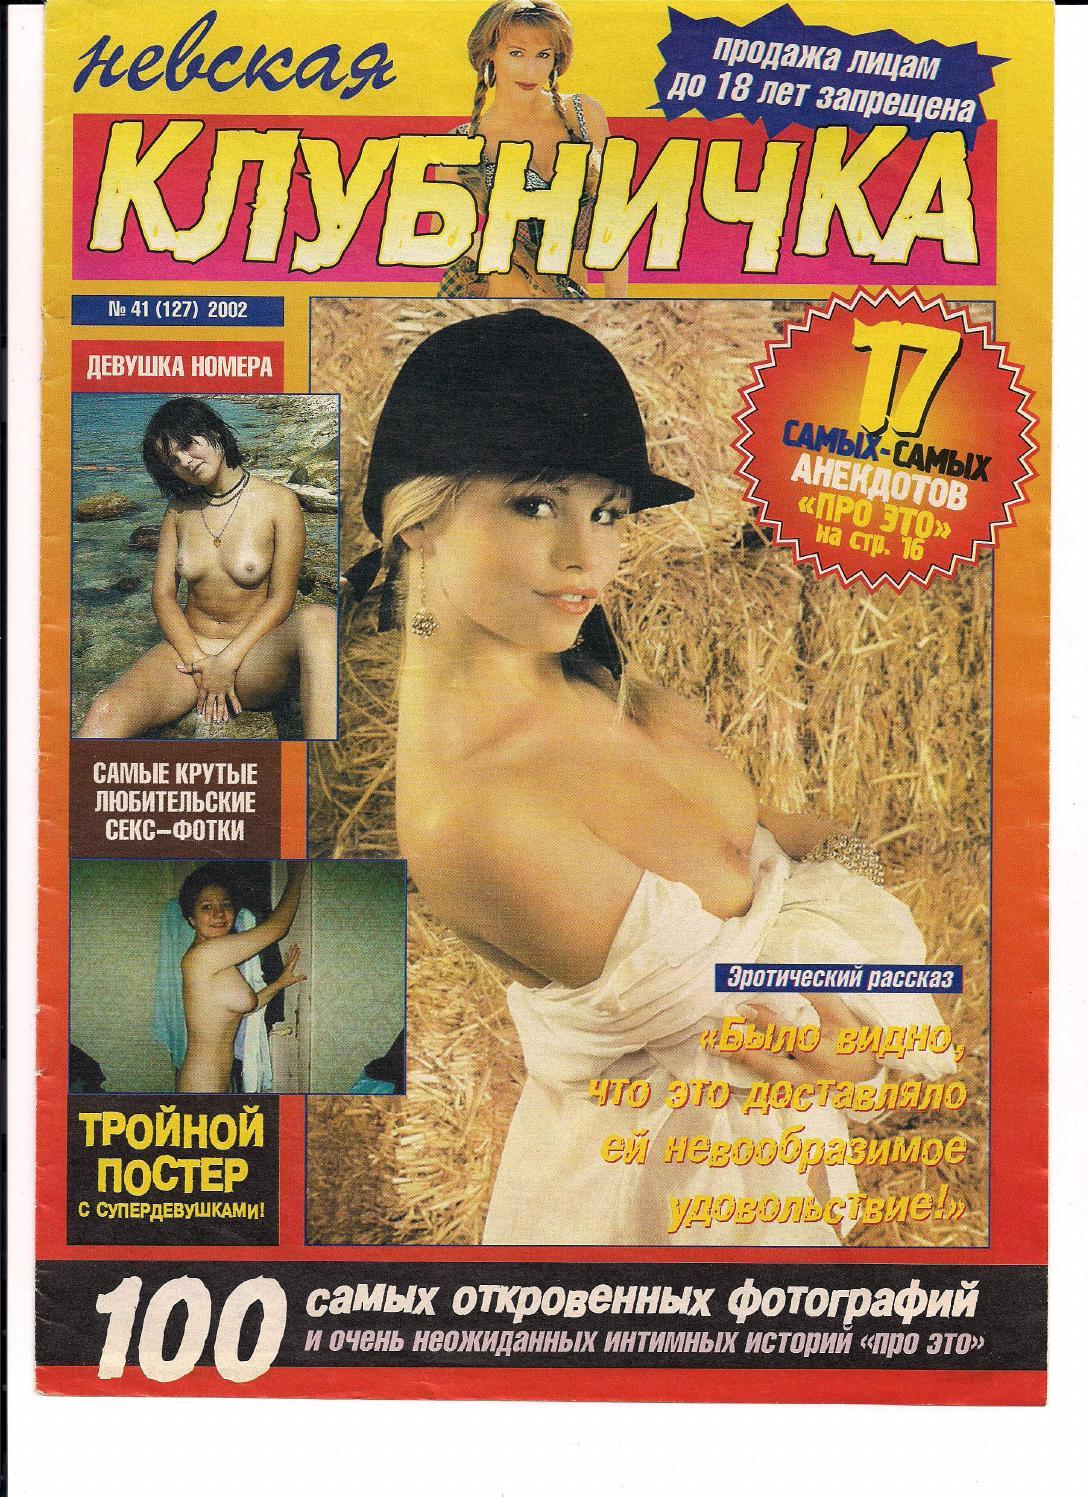 Смотреть фото с журнала невская клубничка 4 фотография